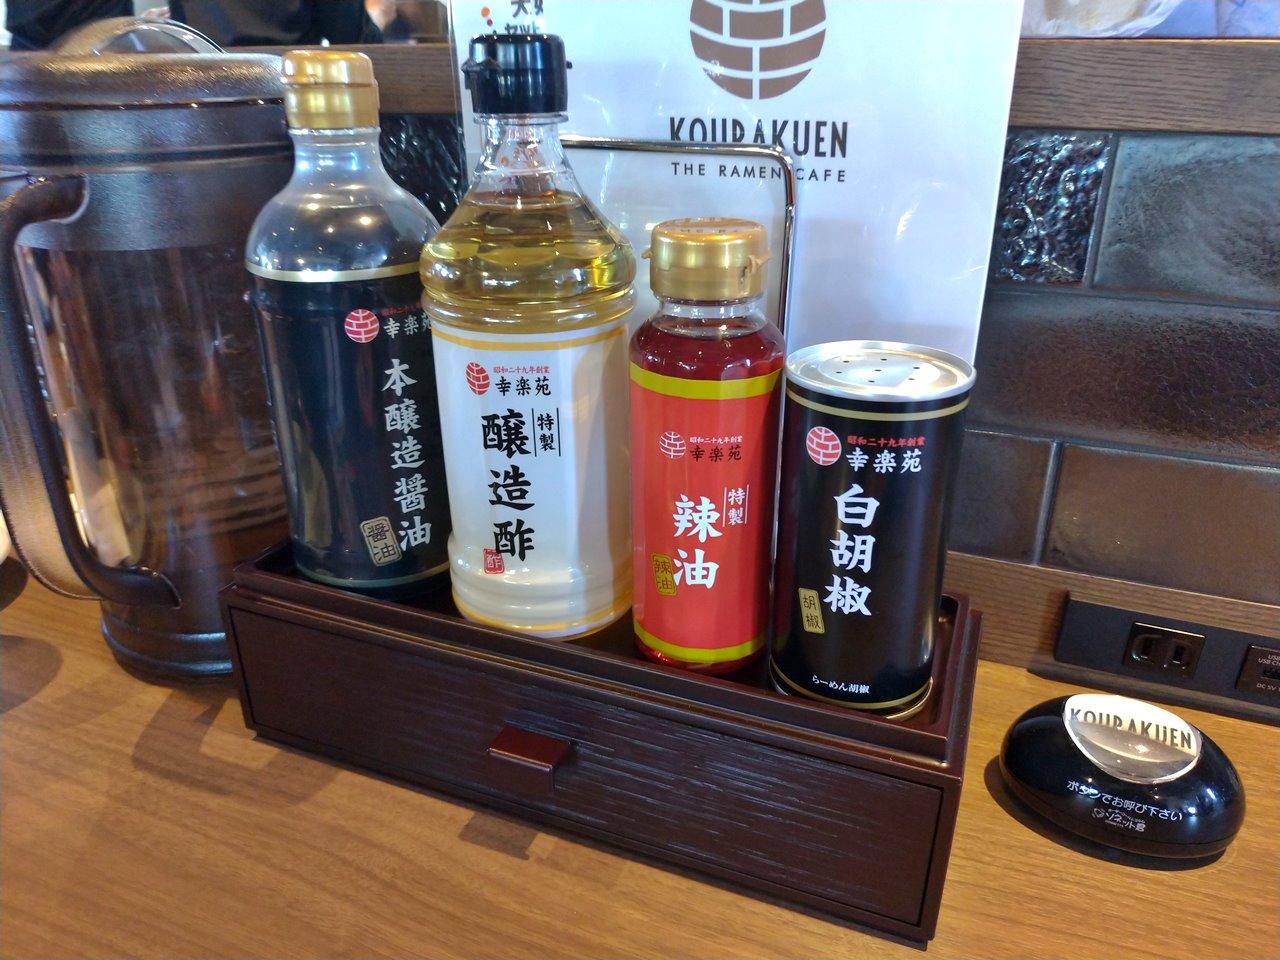 KOURAKUEN THE RAMEN CAFE 富士宮店の調味料